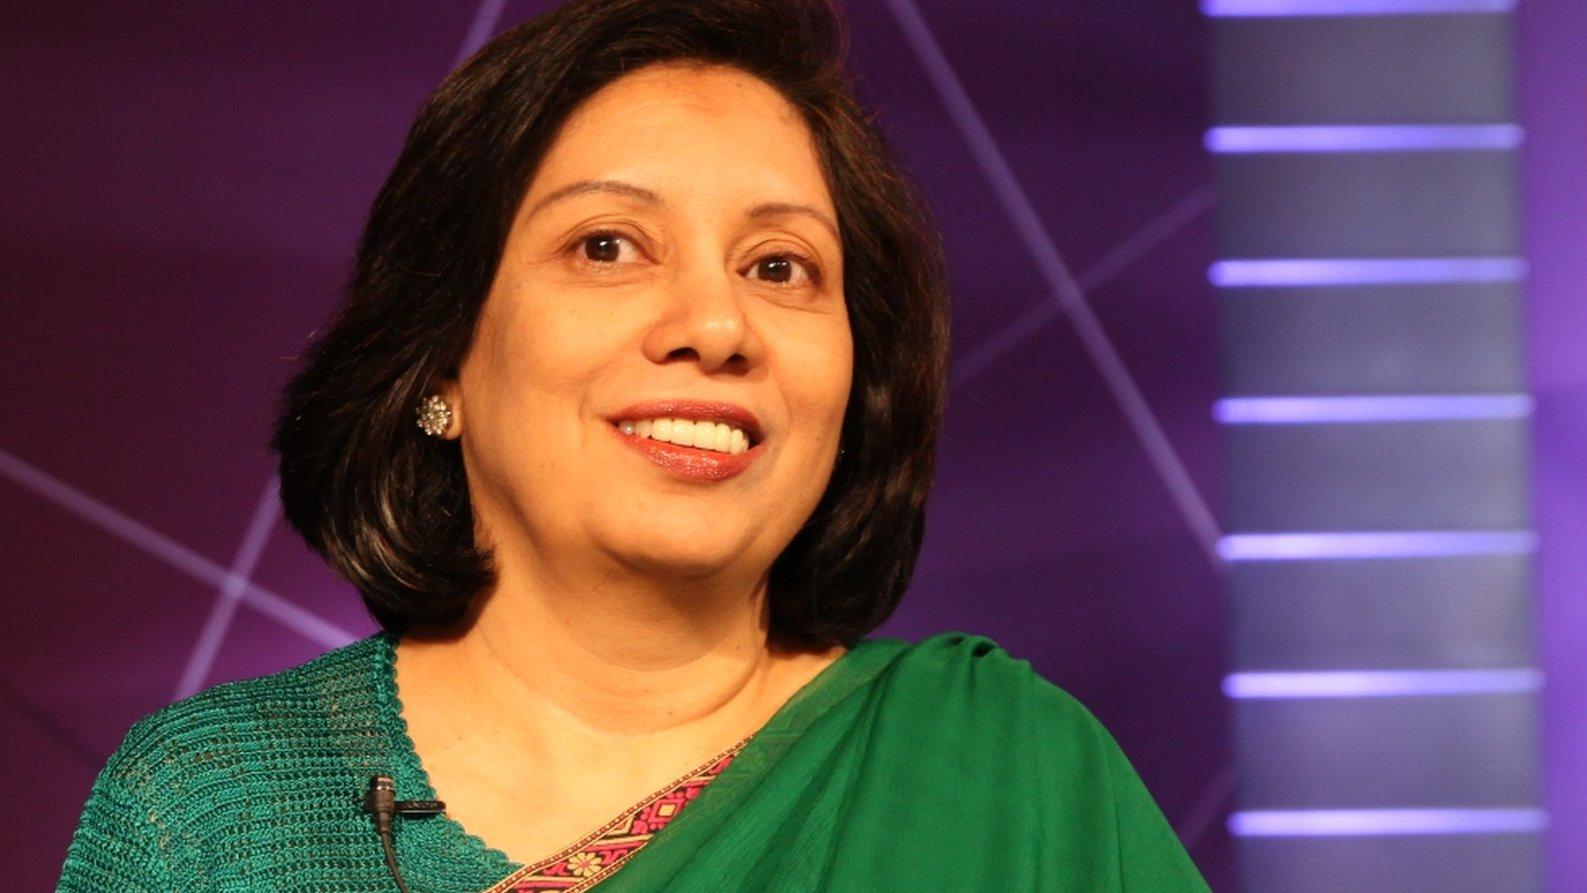 'নারীকে একটু দাবিয়ে রাখার চেষ্টা এখনও রয়েছে': বাংলাদেশের সাবেক রাষ্ট্রদূত নাসিম ফেরদৌস